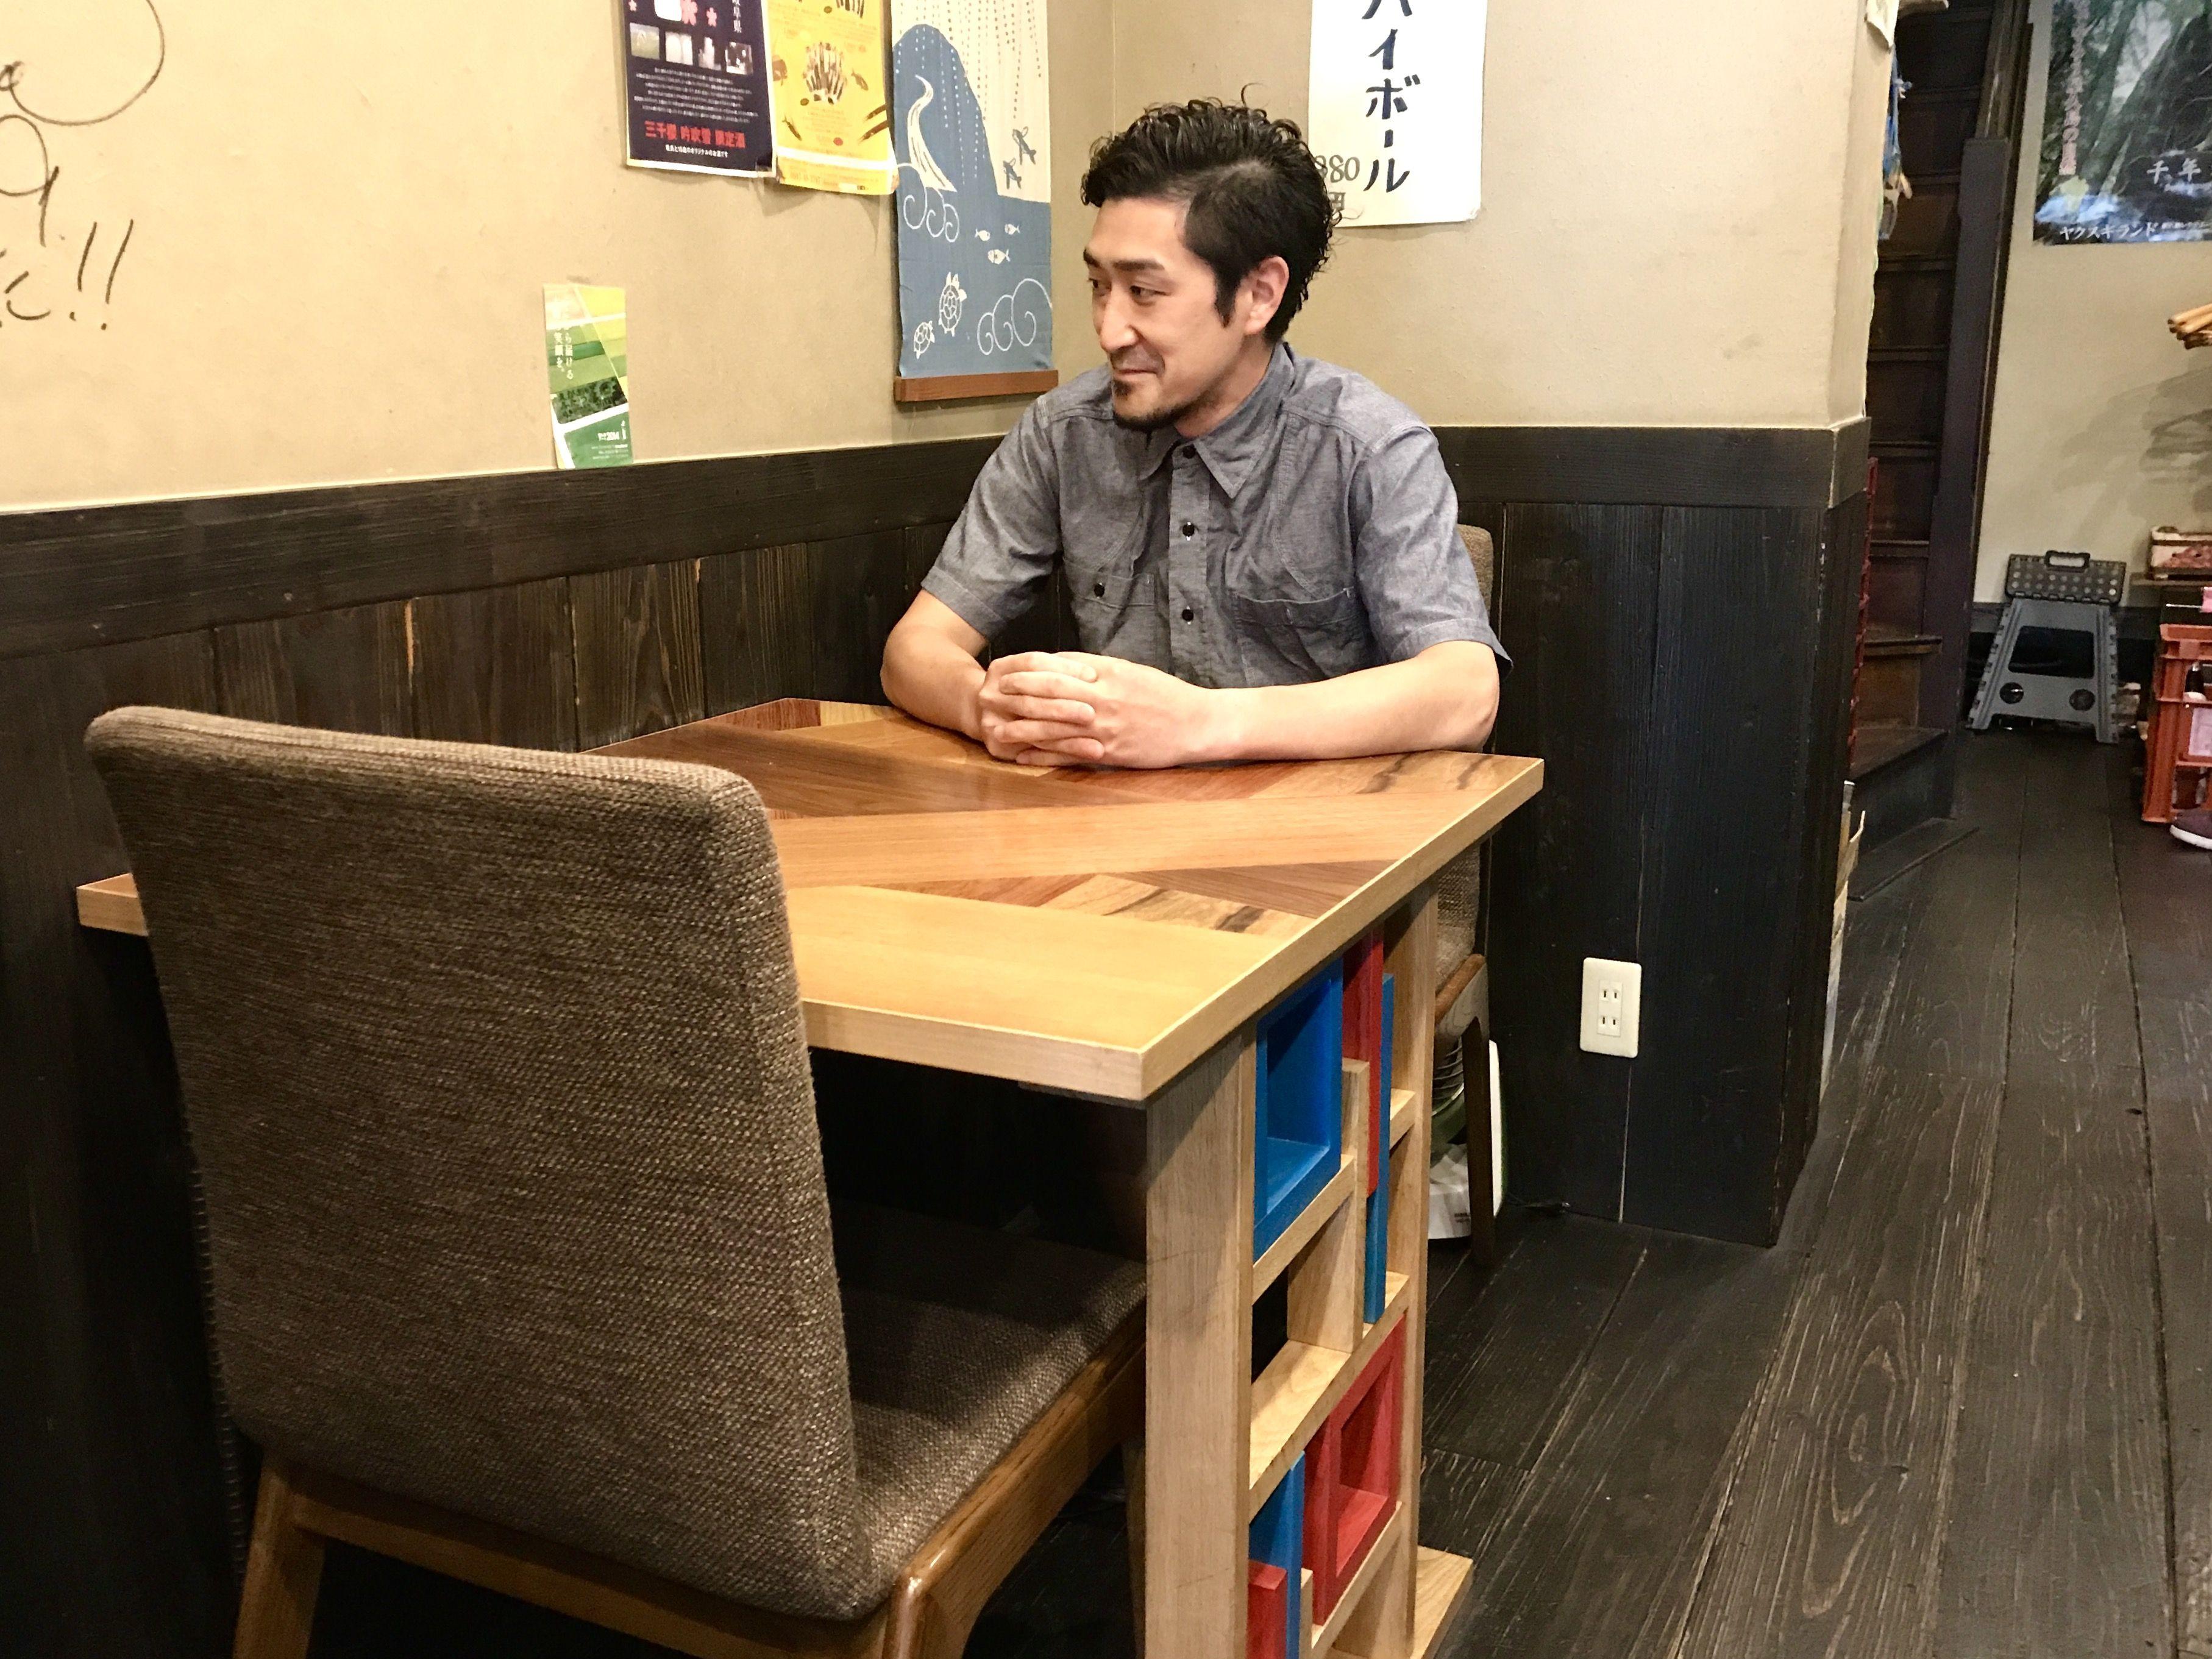 「このテーブルはお店のシンボルでもある」と語る「和鮮酒庵やなぎ」店主の道竹洋一郎さん